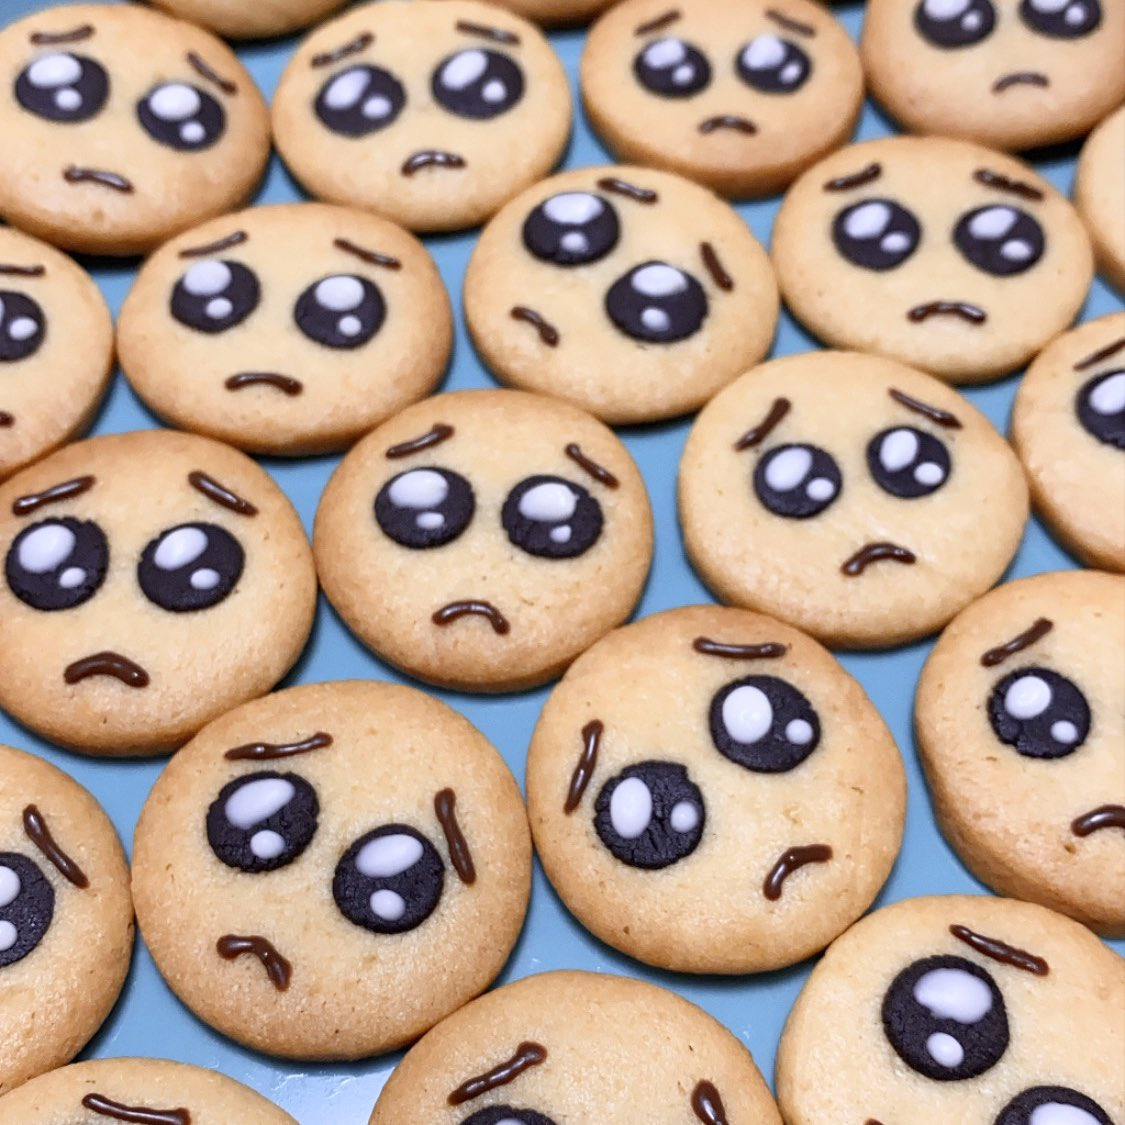 ぴえんクッキー作った